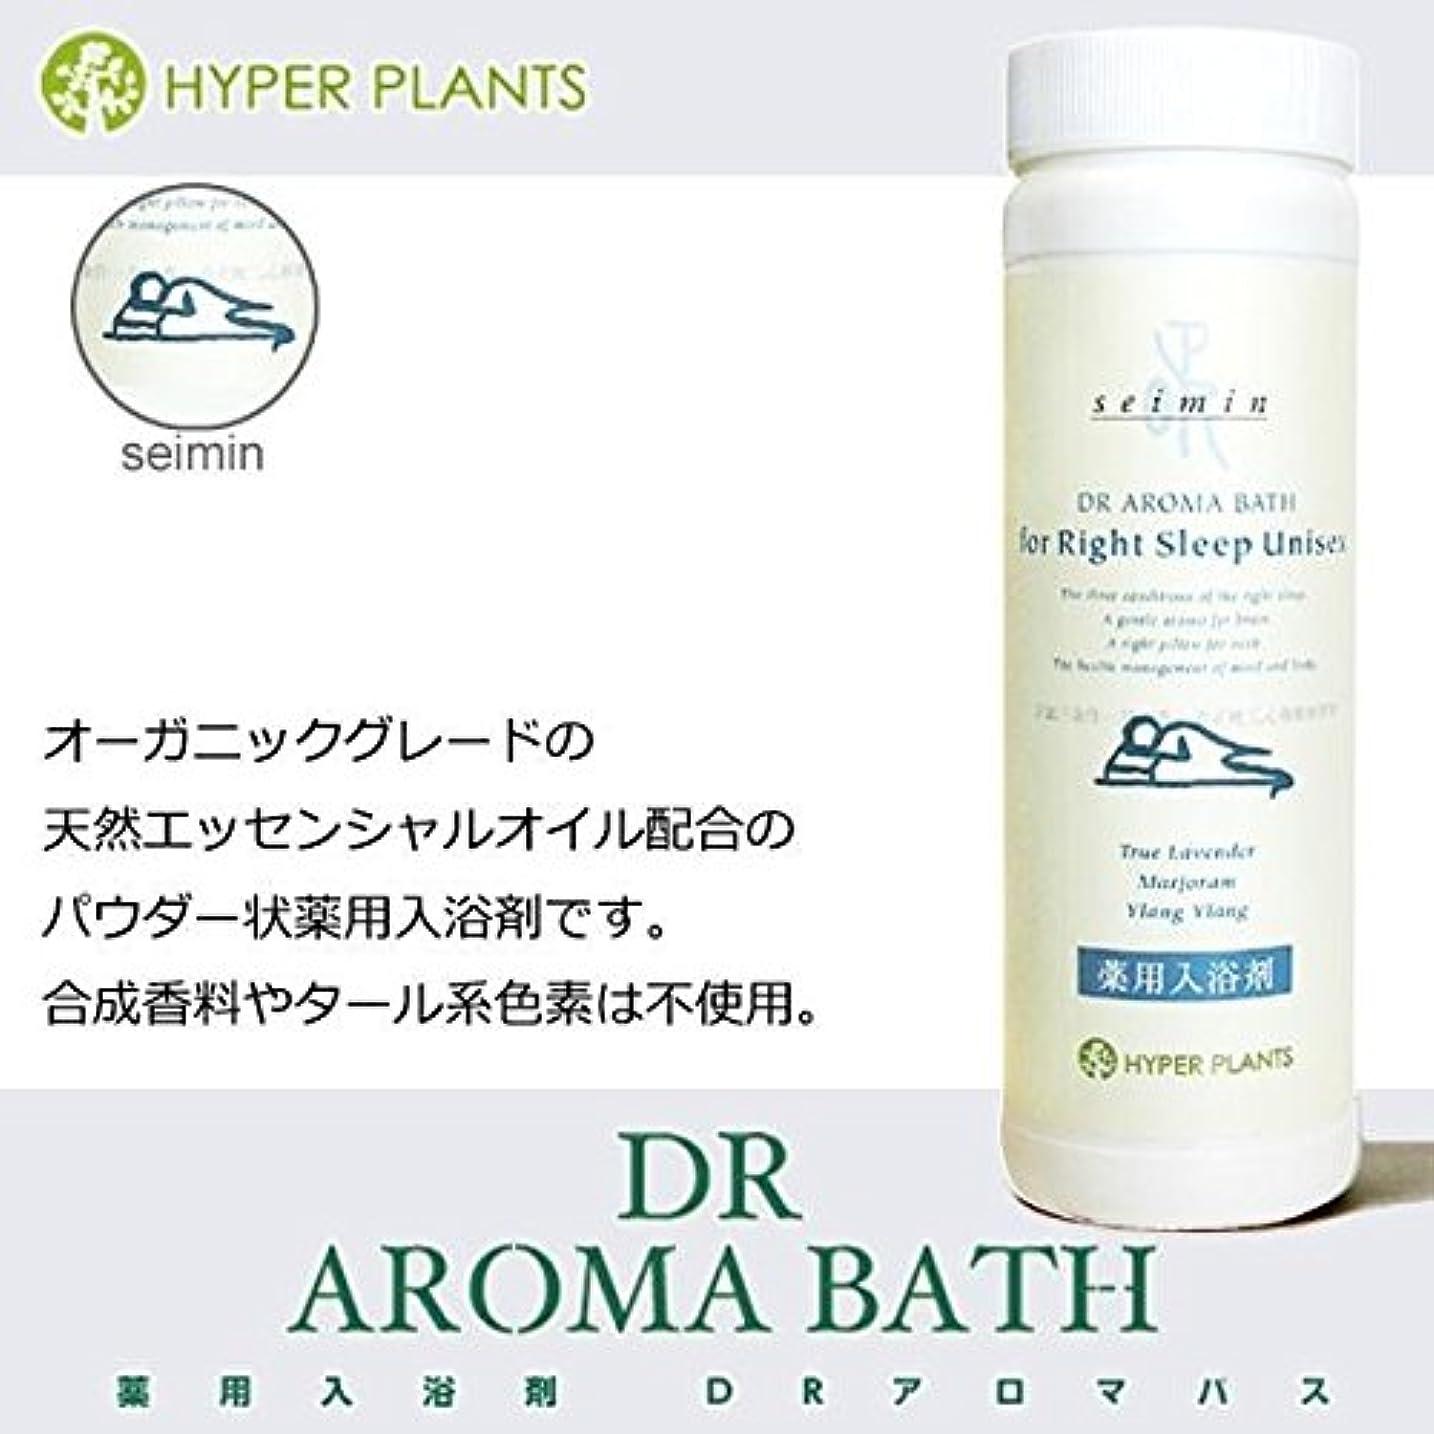 のり無効にするロデオ医薬部外品 薬用入浴剤 ハイパープランツ(HYPER PLANTS) DRアロマバス 正眠 500g HYB023